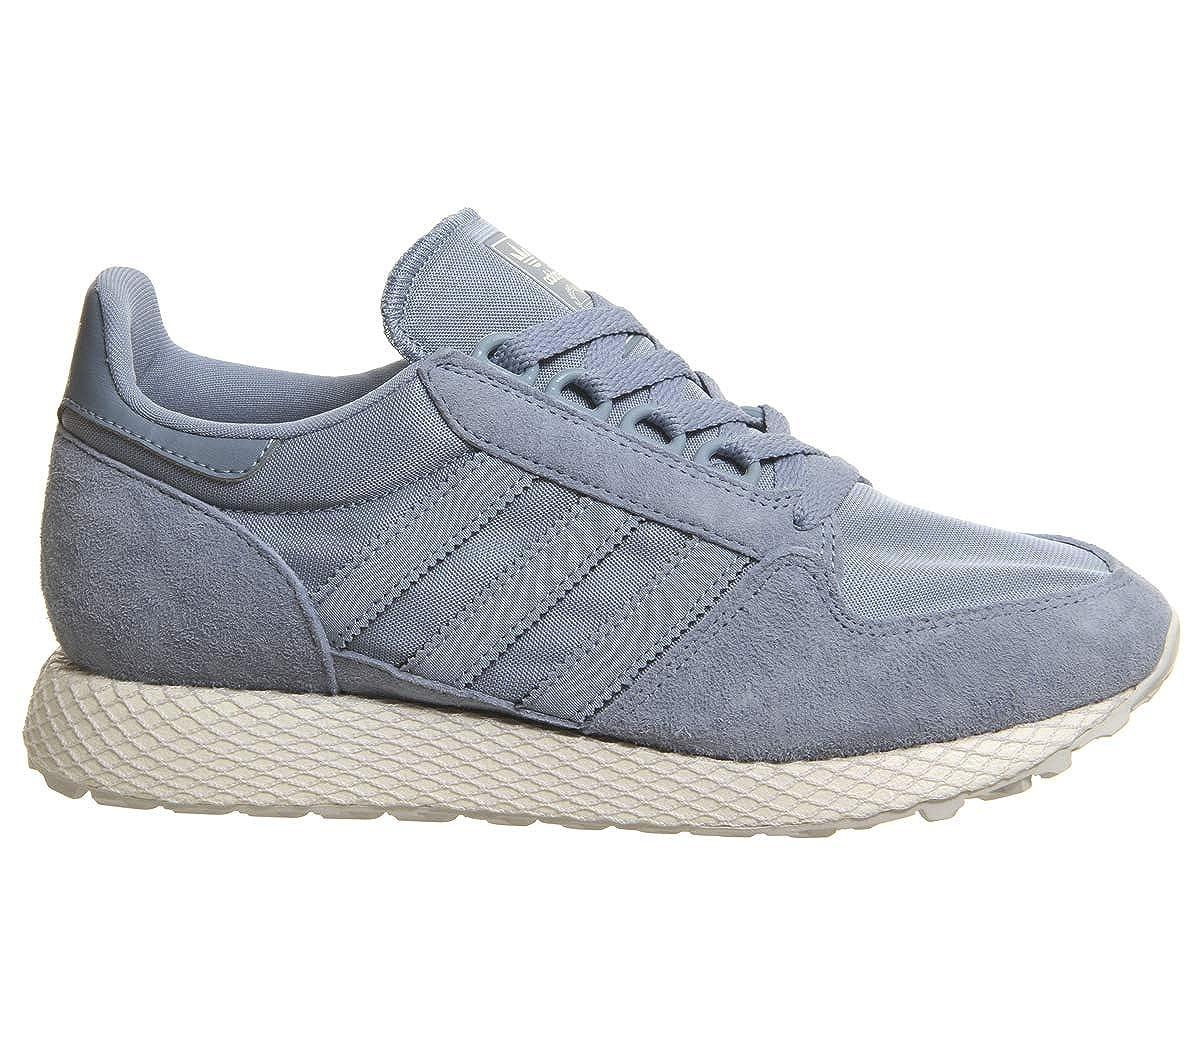 Adidas Damen Forest Grove W Fitnessschuhe, grau Sehr gut